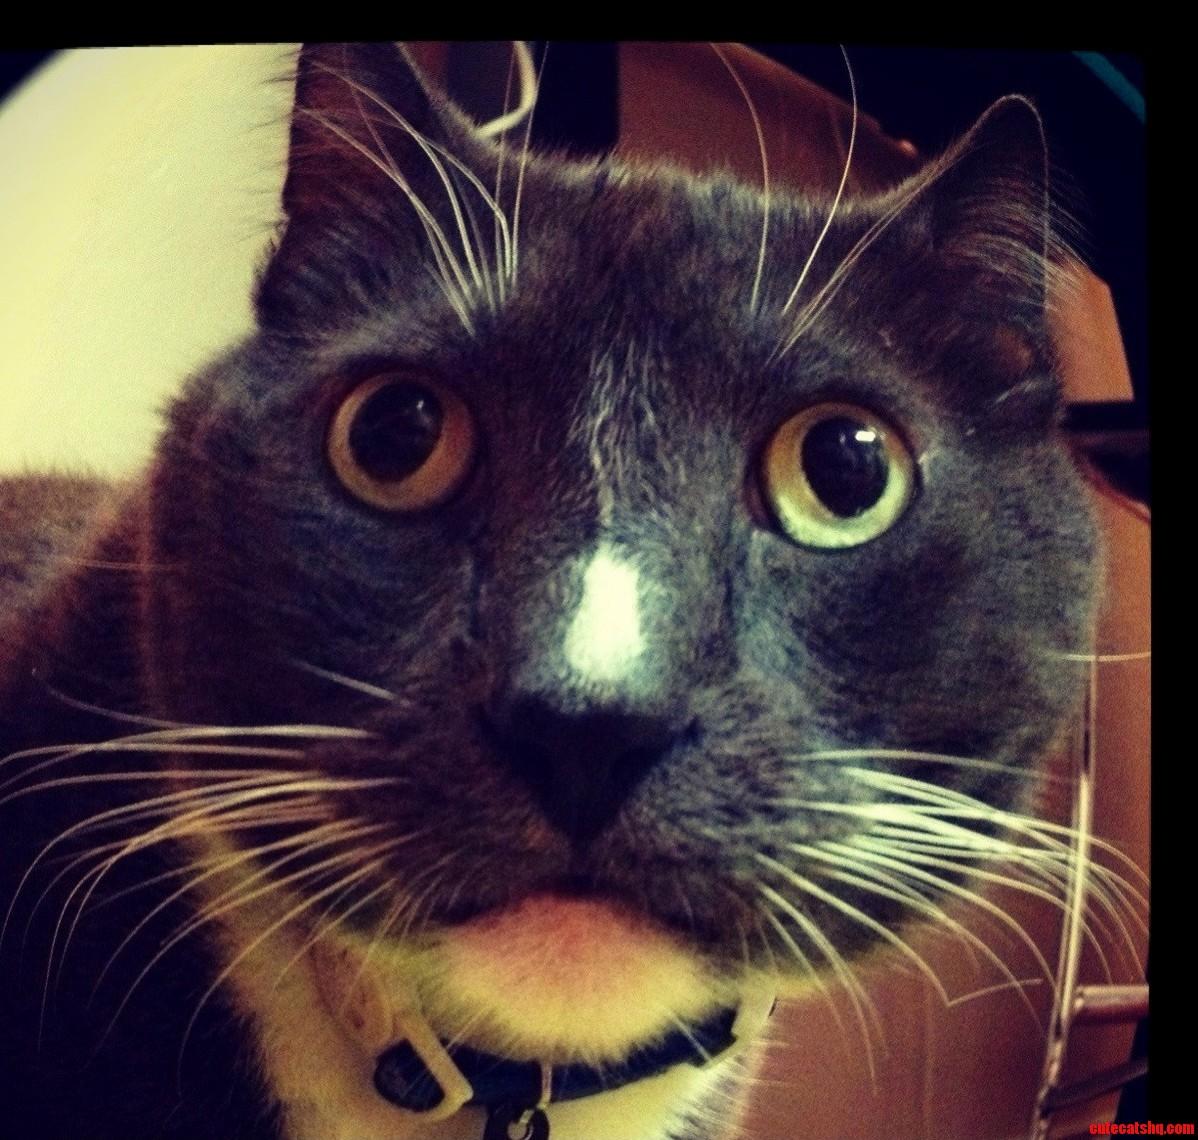 My Handsome Tuxedo Cat Looking Surprised